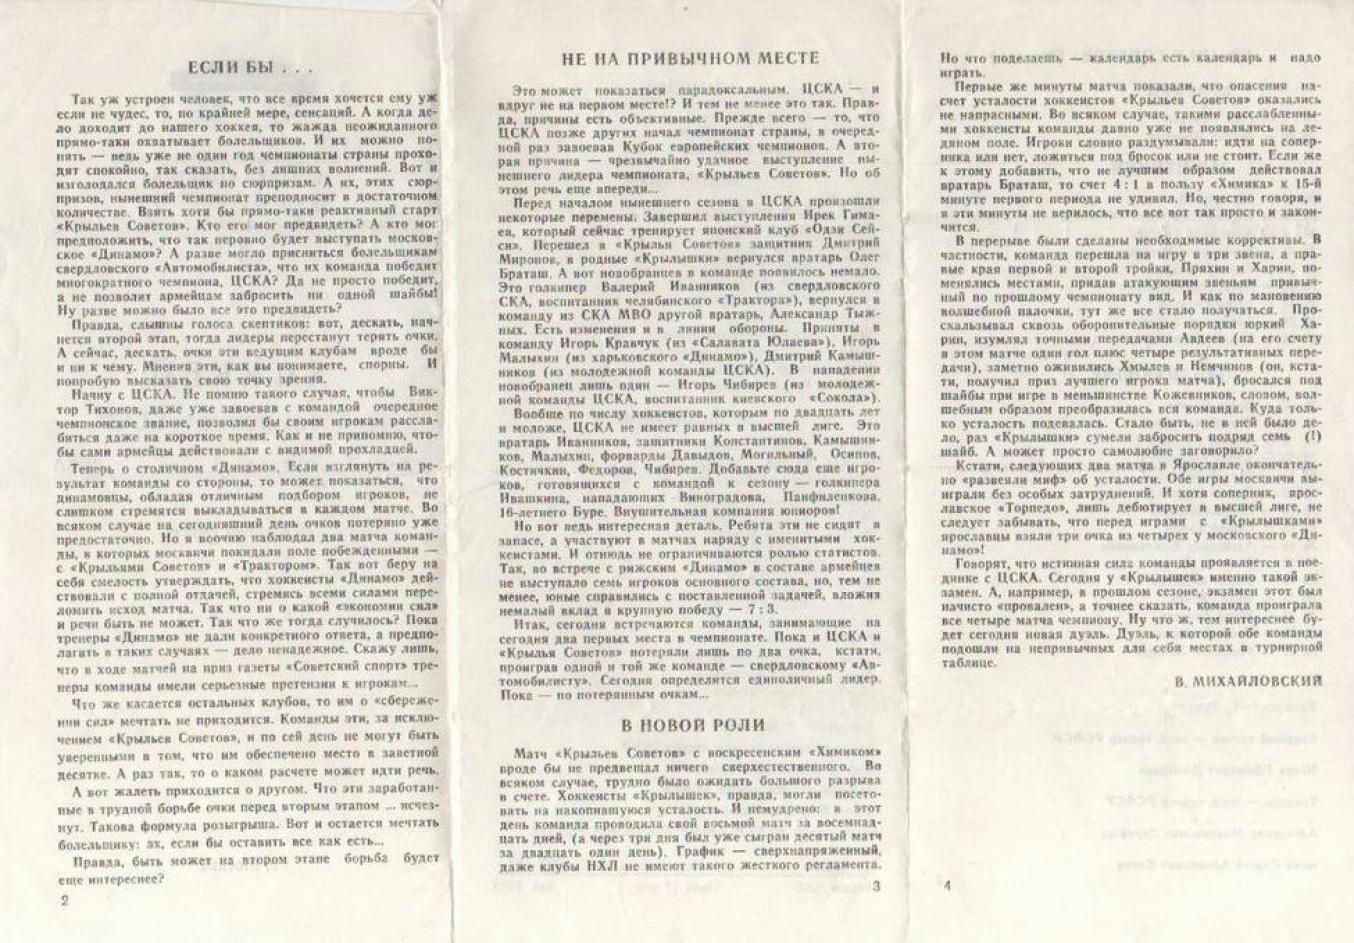 1987.10.19. Крылья Советов - ЦСКА (Чм. СССР)_02.png